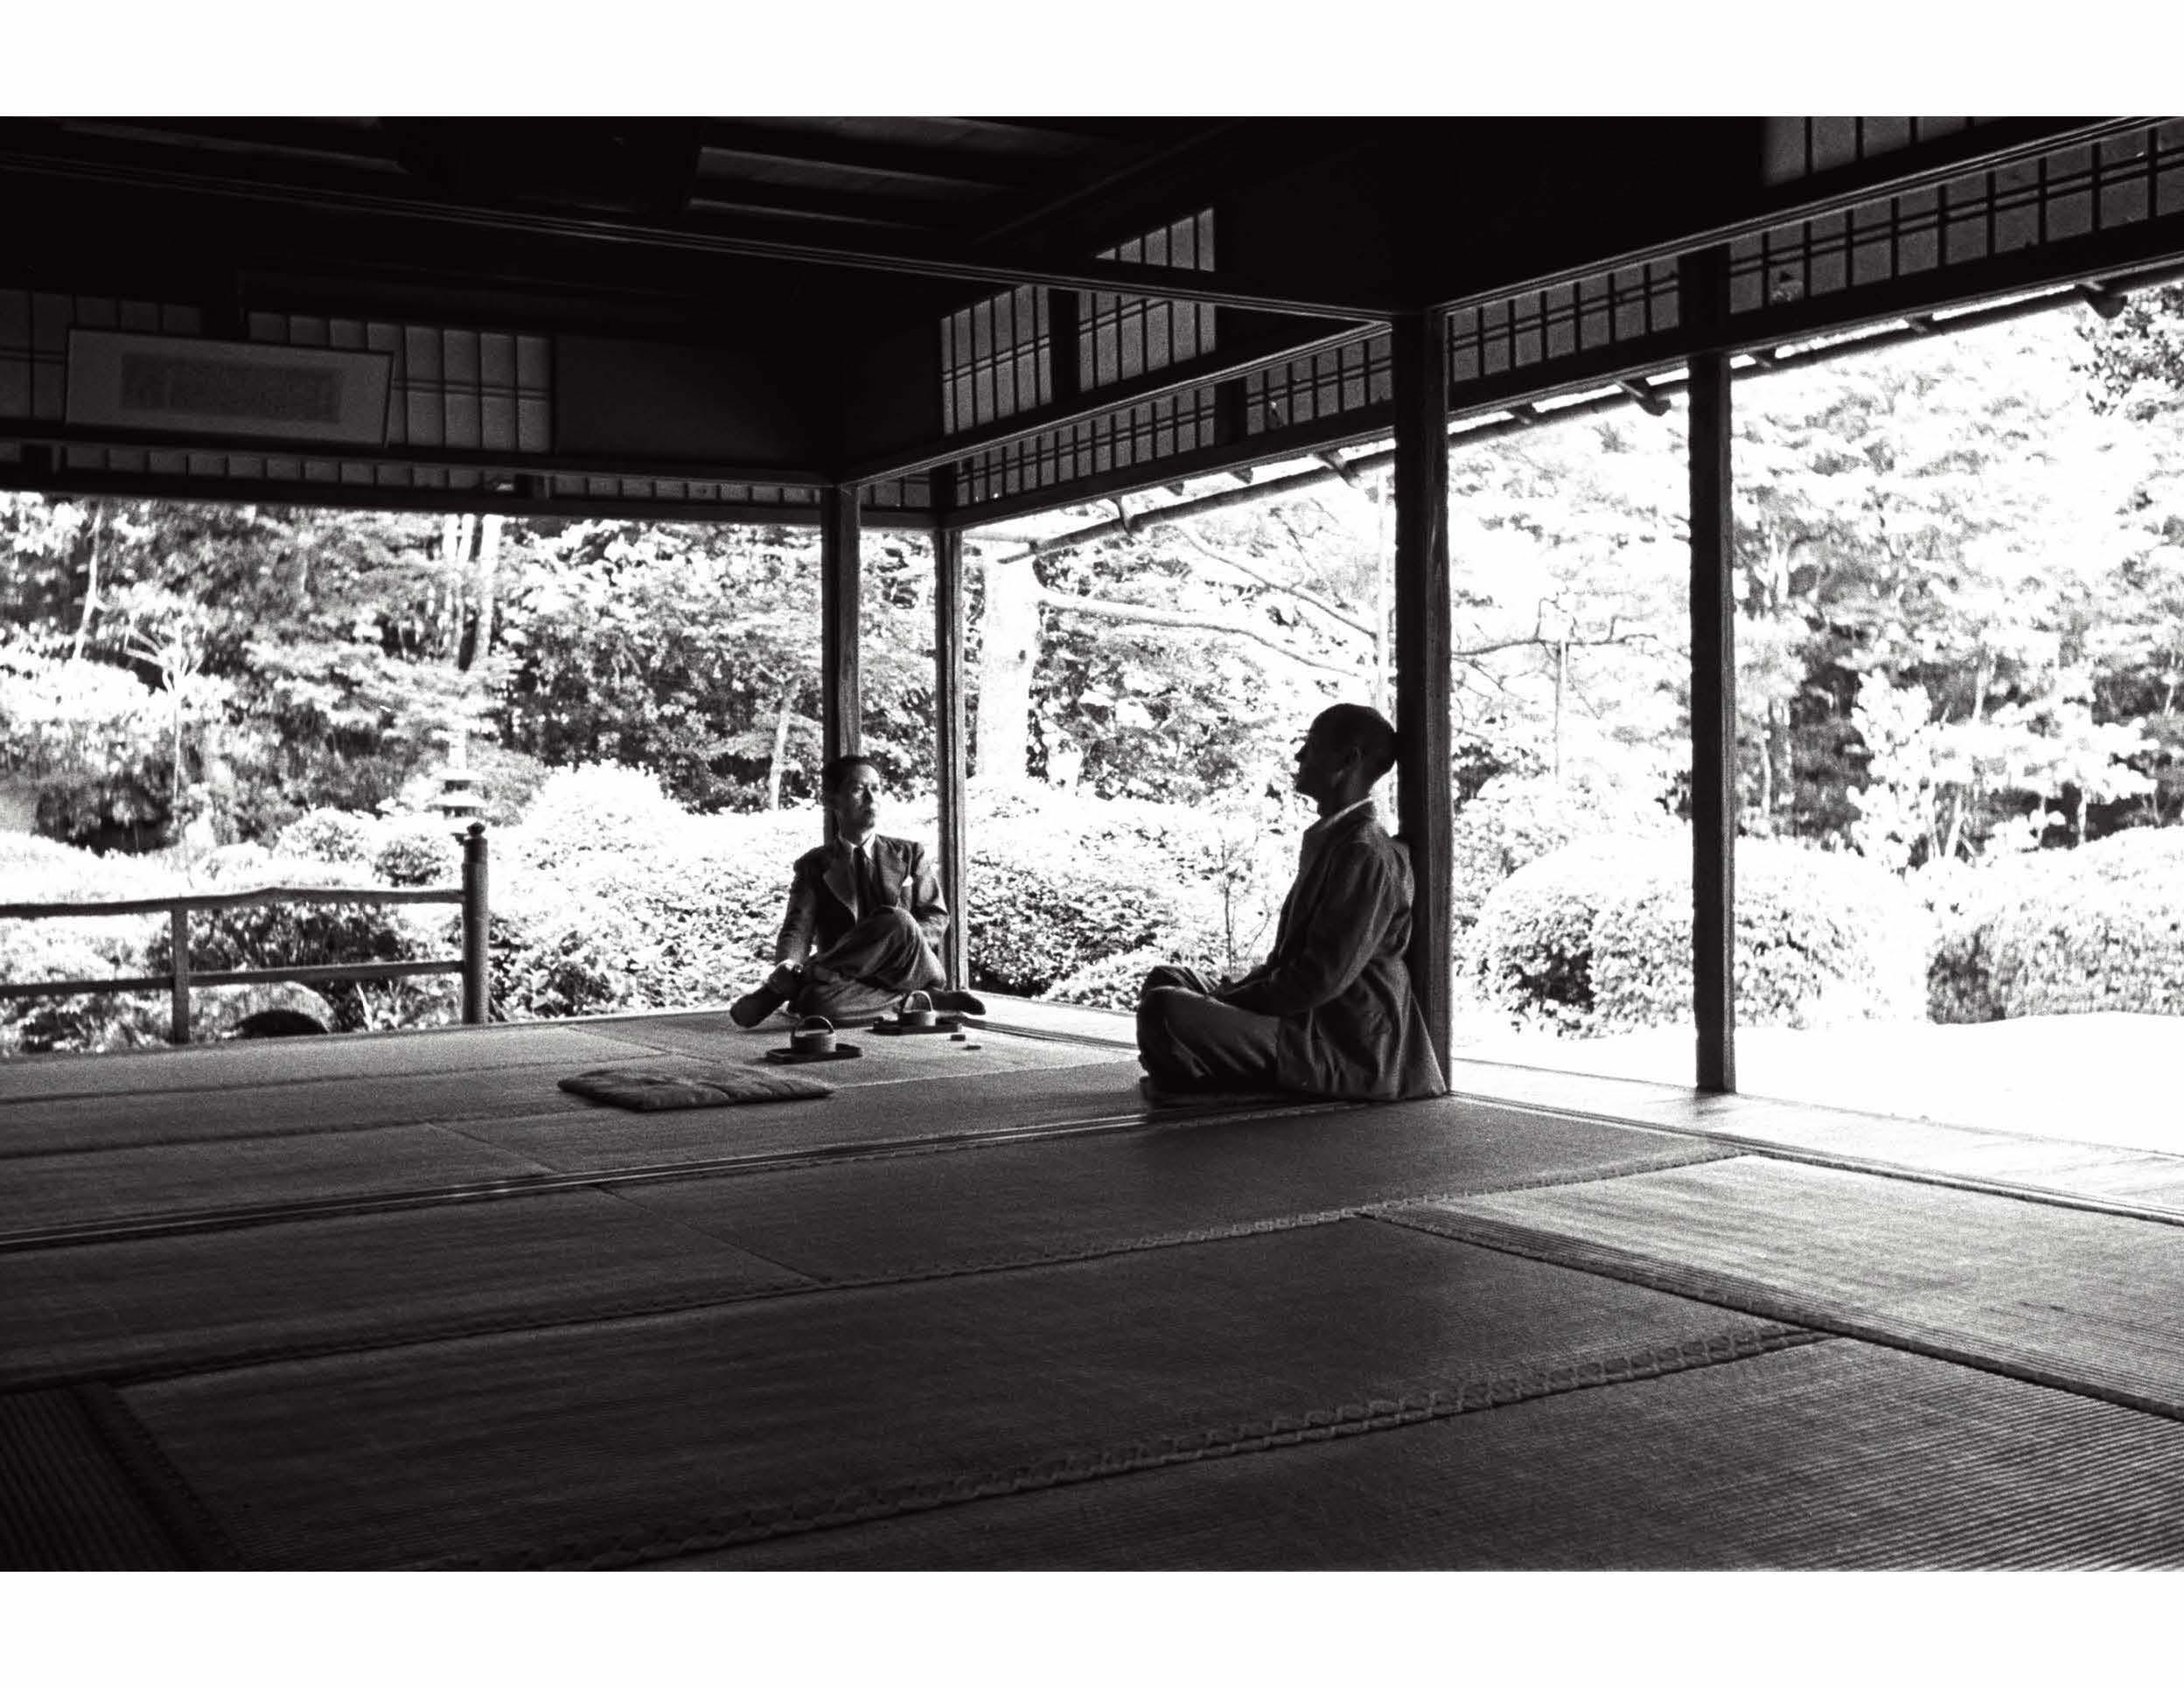 image from The Saburo Hasegawa Reader